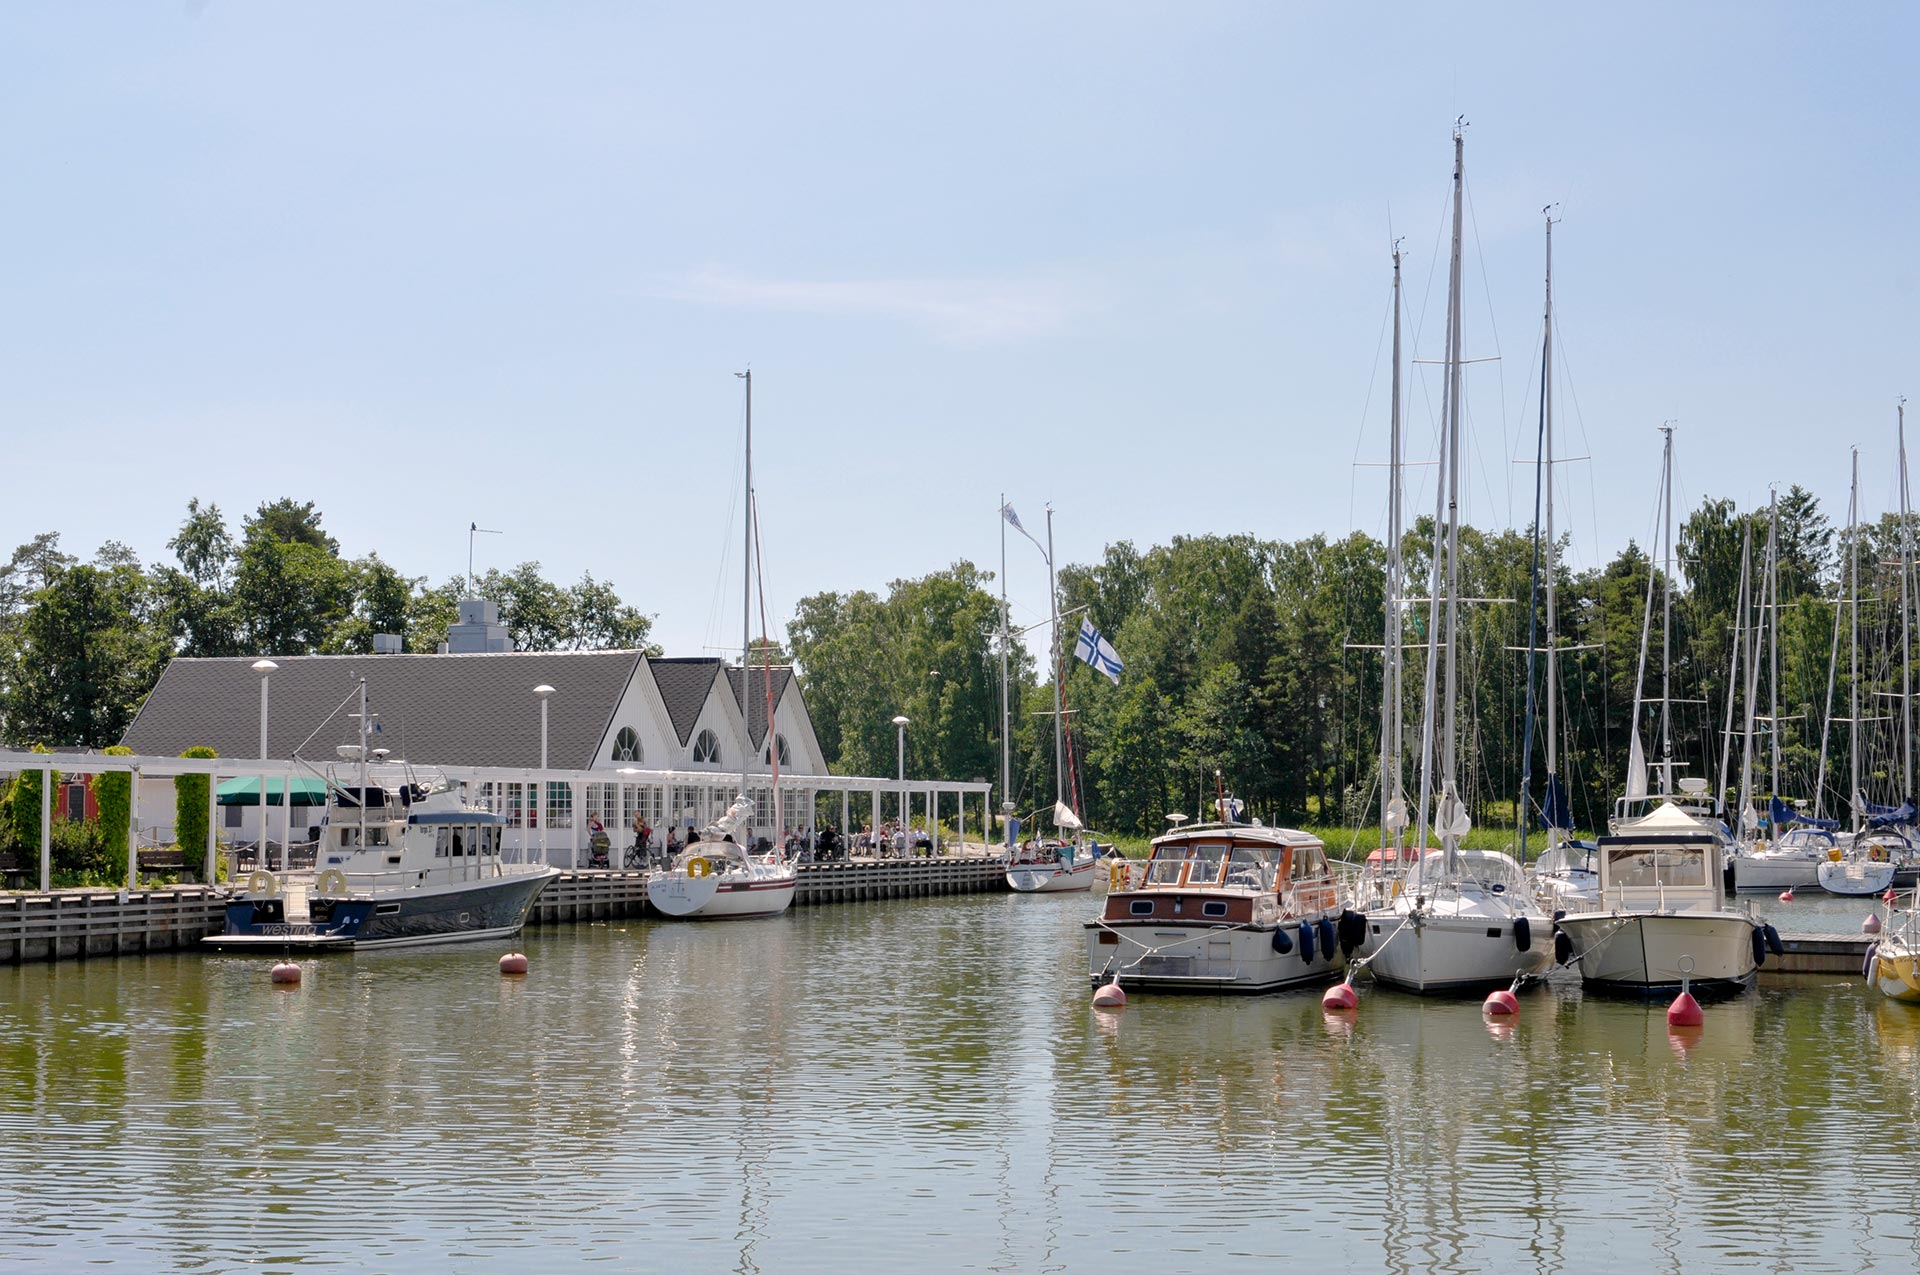 Haukilahden satama ja paviljonki © Tommi Heinonen